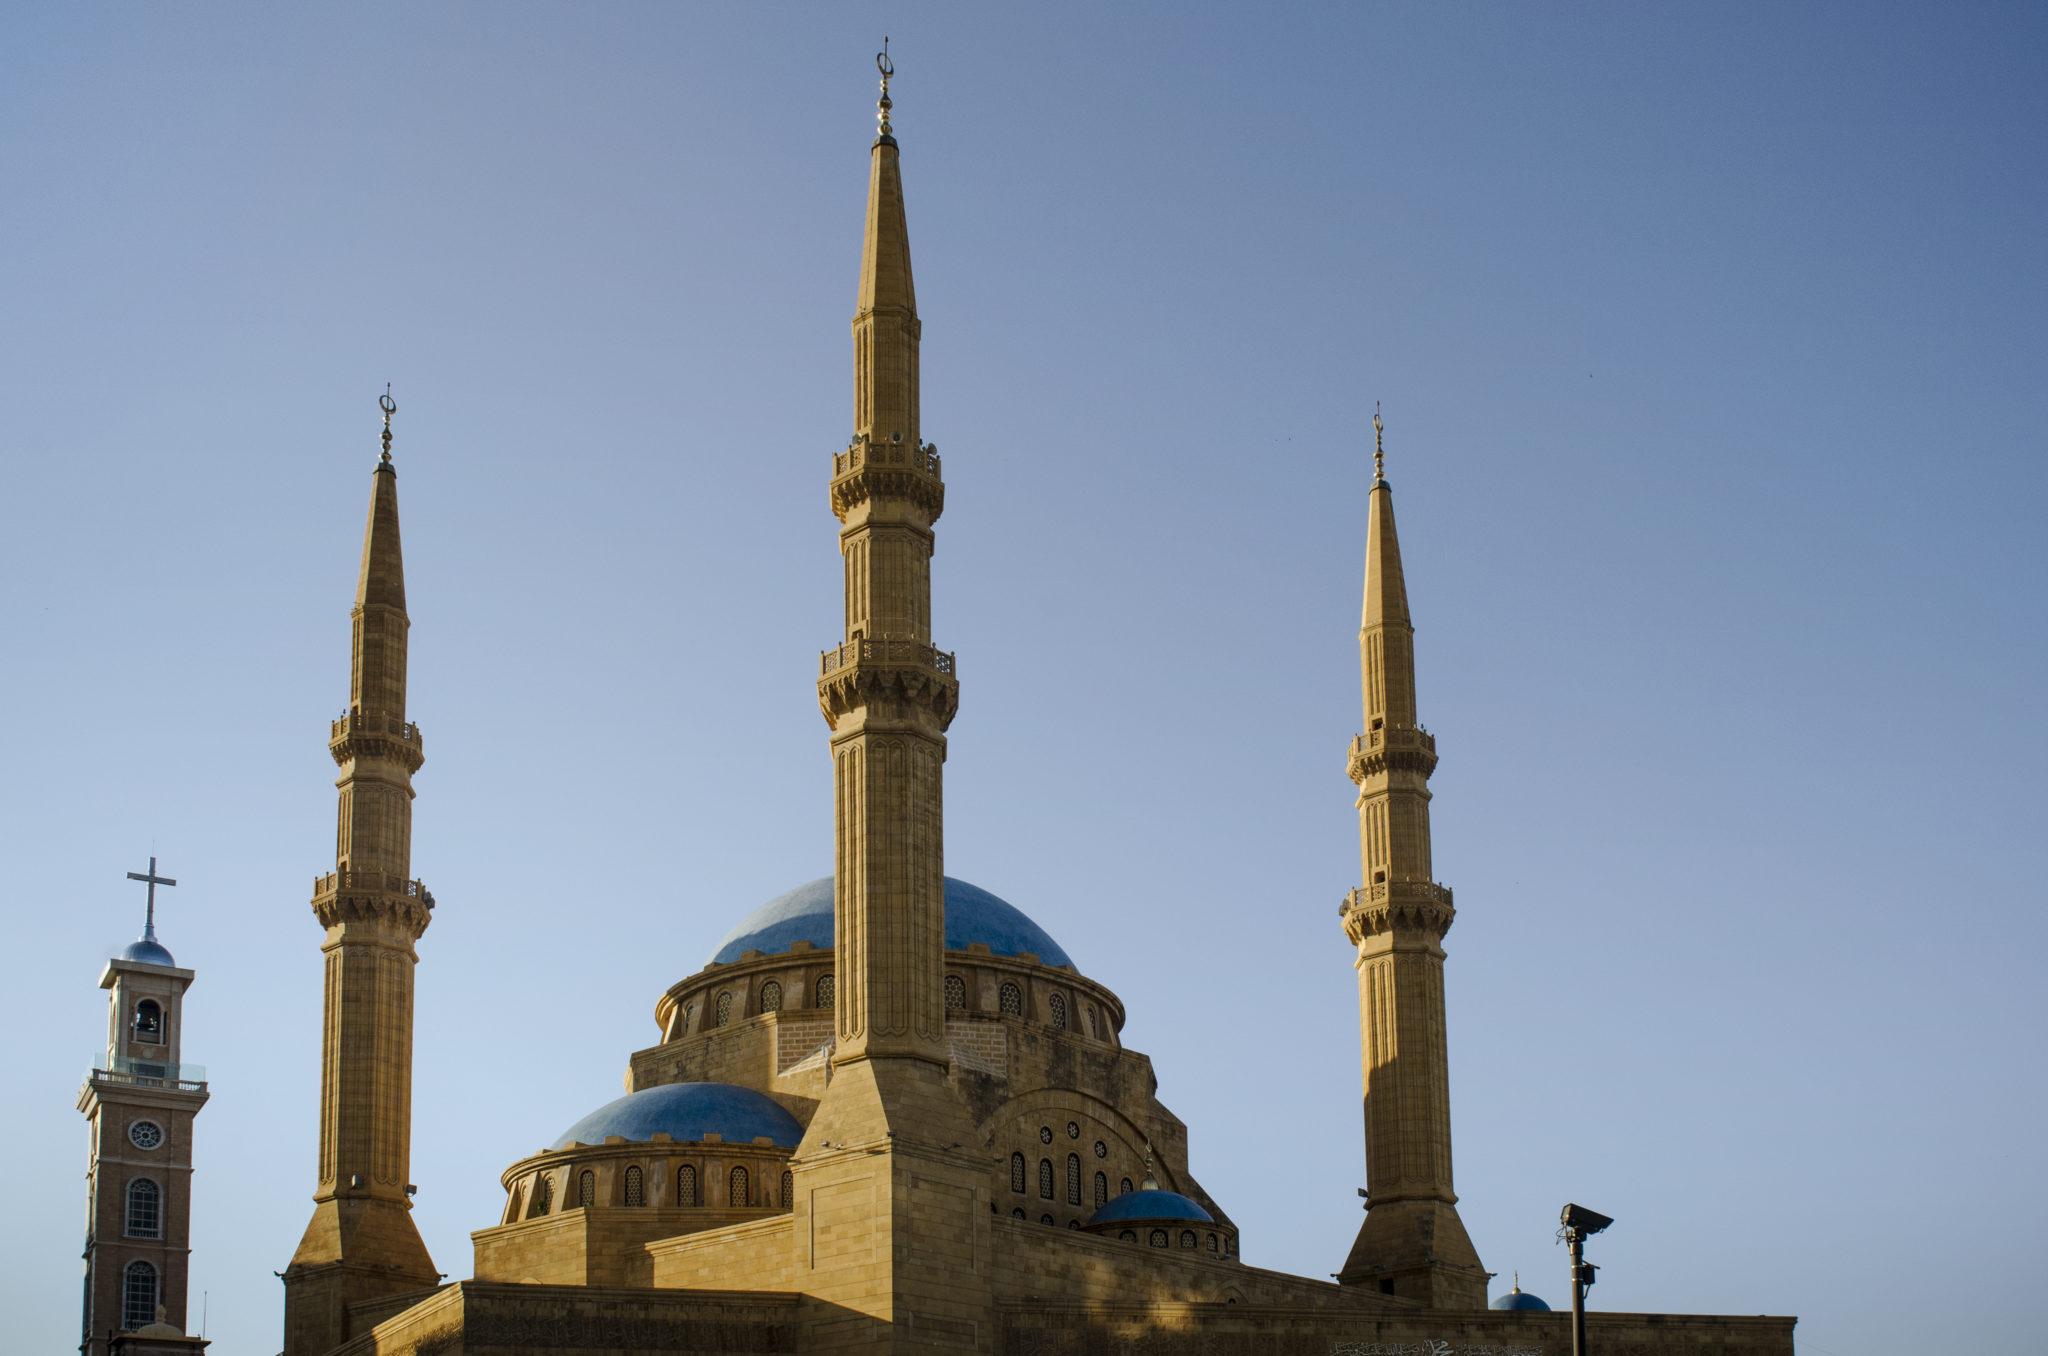 Libanon Reisen: Die besten Insidertipps für deine Libanon Reise